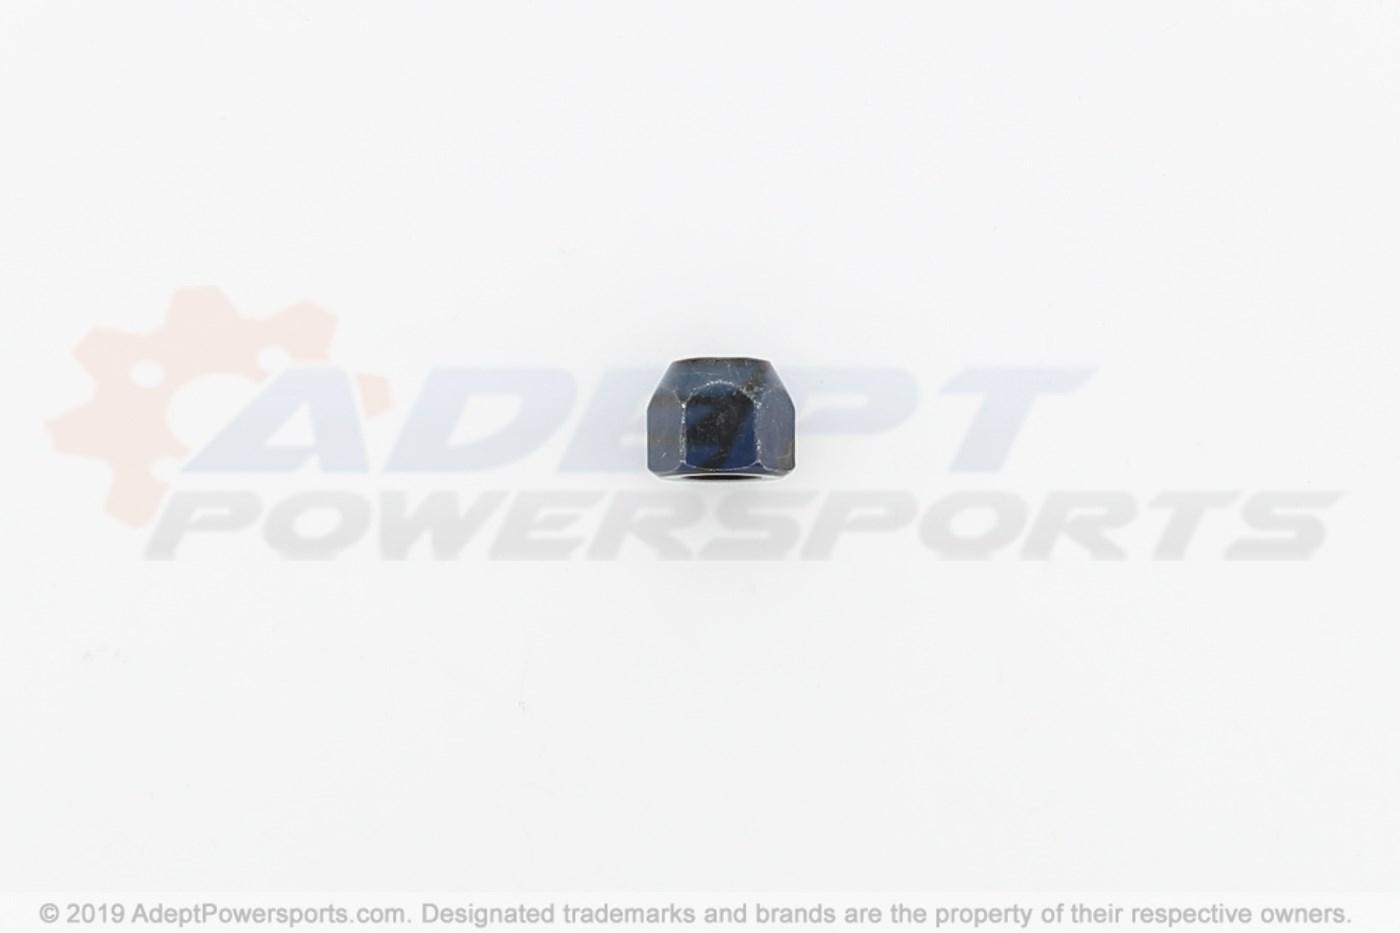 90179-10540-00 Yamaha Nut, Spec'l Shape (atv Lug) $3.56